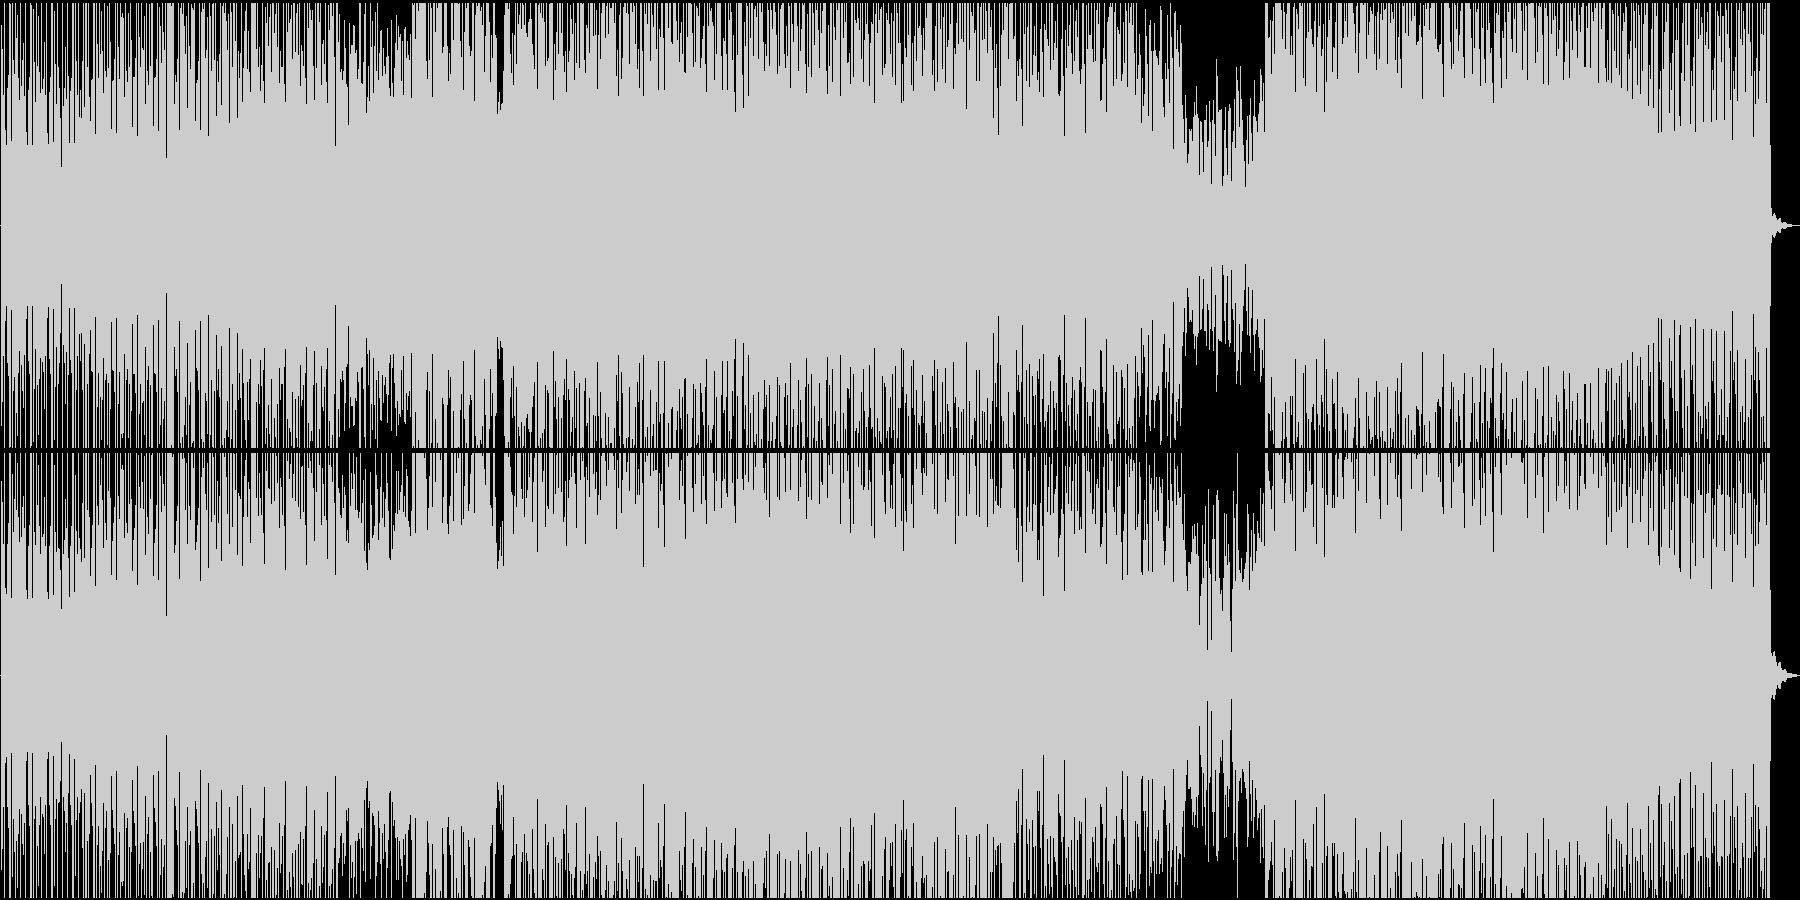 エネルギッシュなハードシンセの未再生の波形